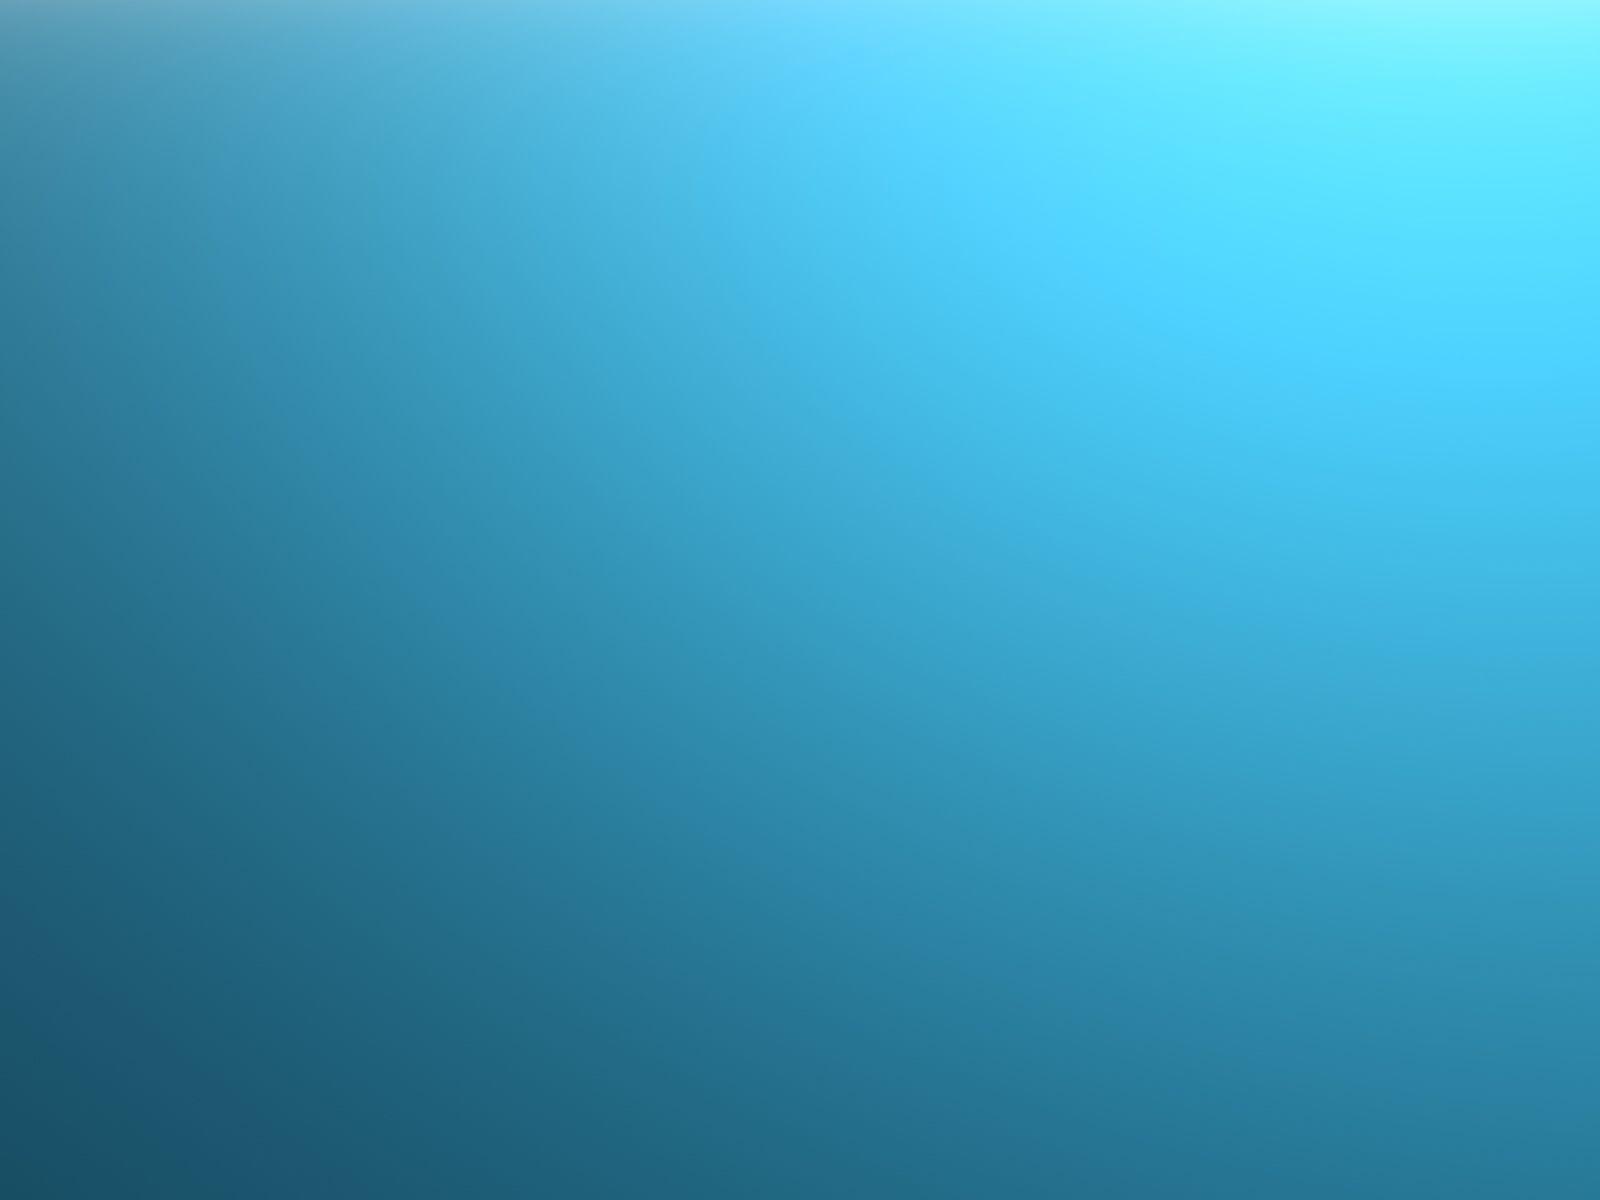 Plain Desktop Backgrounds 1600x1200